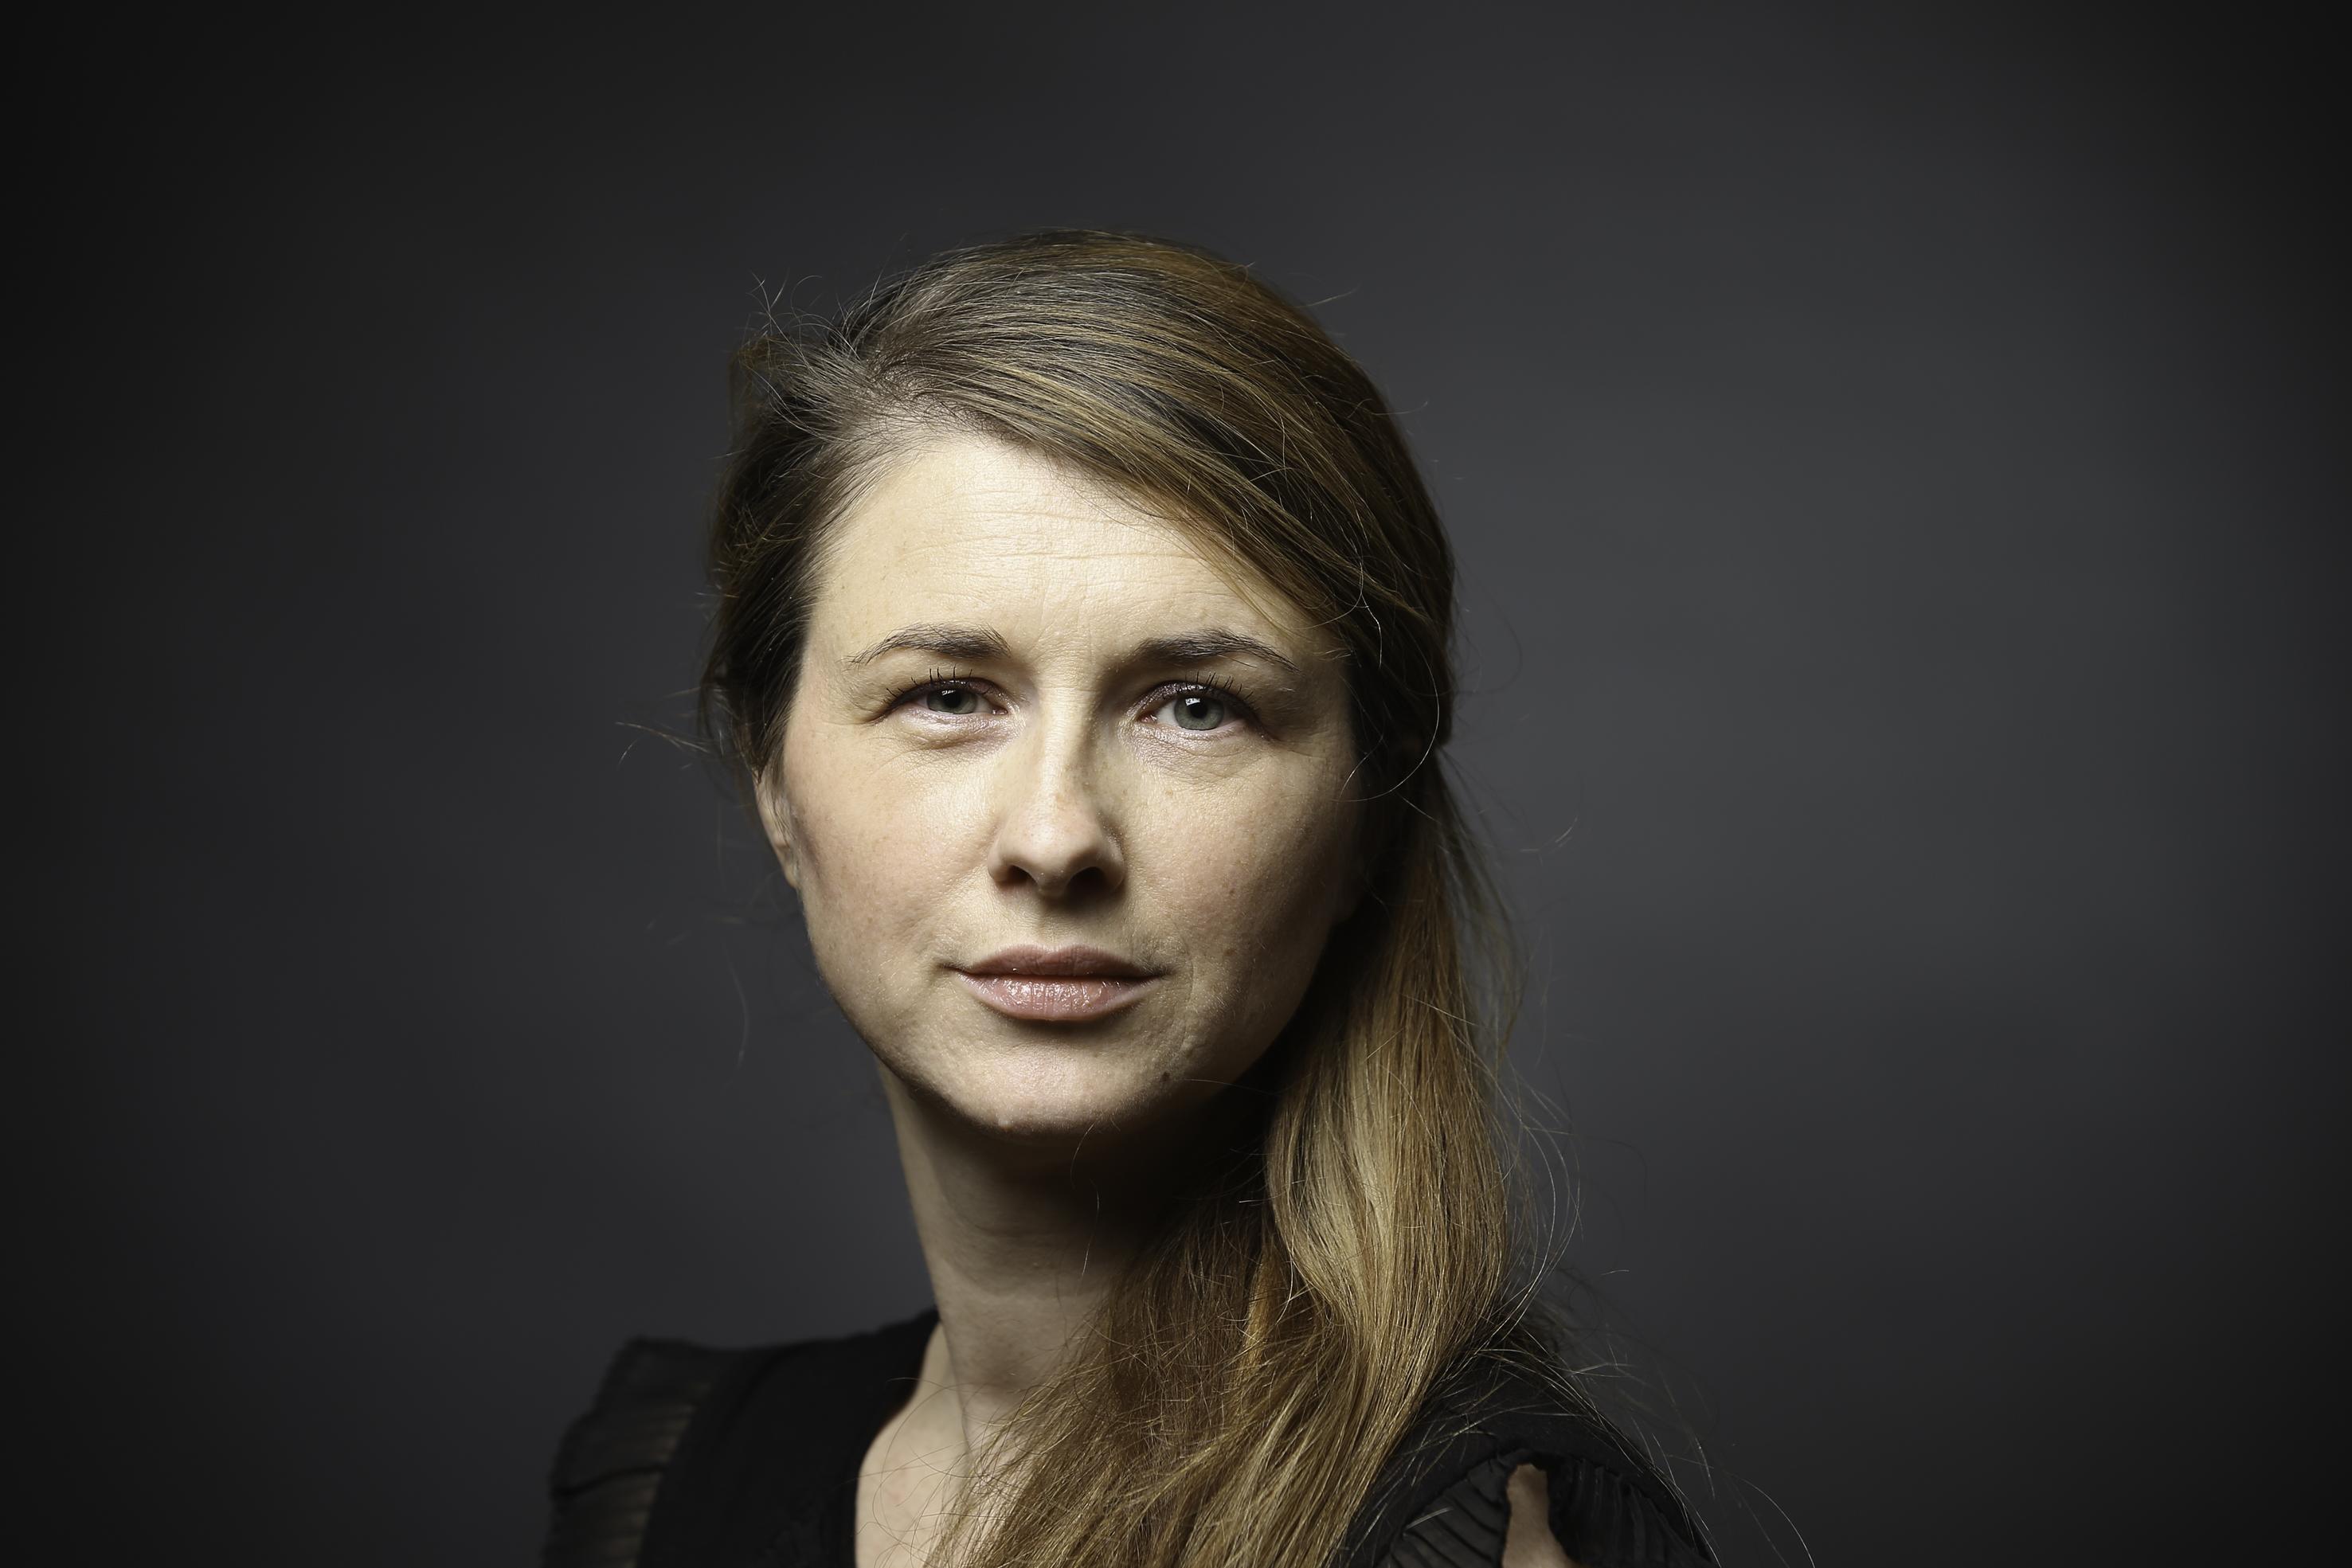 Estera Lah Poljak, visokošolska učiteljica DOBA Fakultete, imenovana v SOO Effie Slovenija 2020